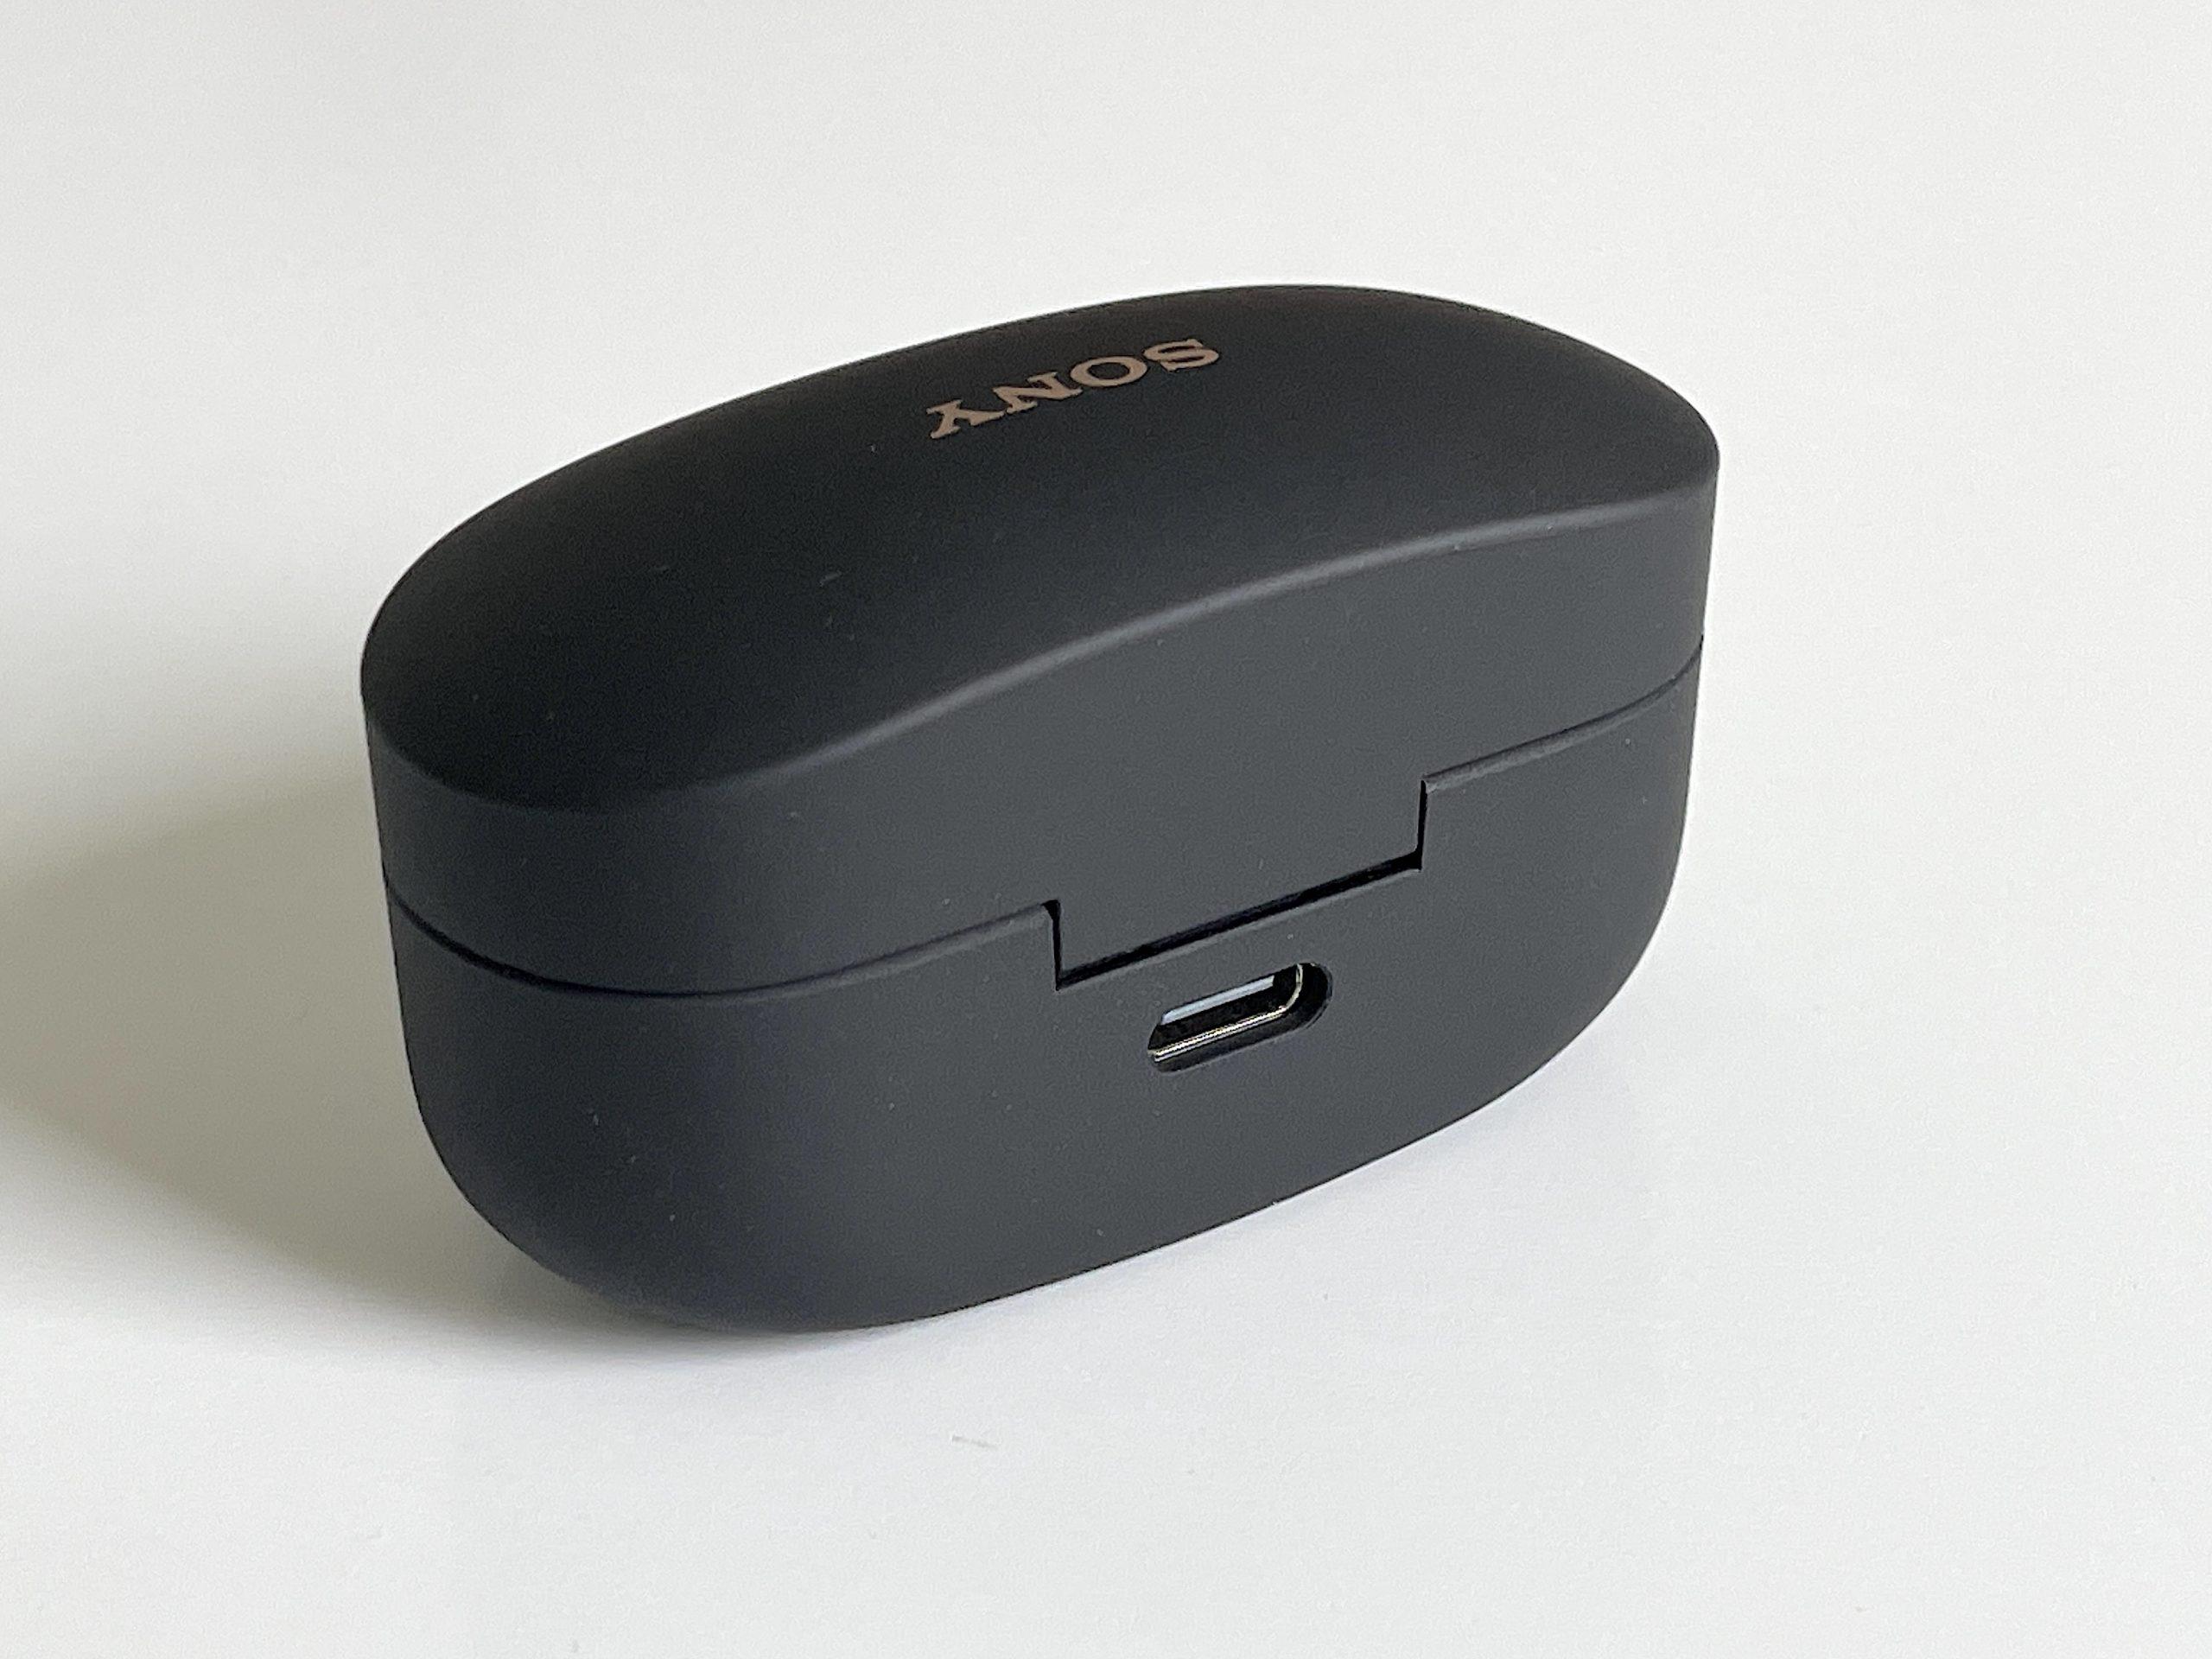 Latauskotelon voi ladata USB-C-liitännästä tai langattomasti (Qi).